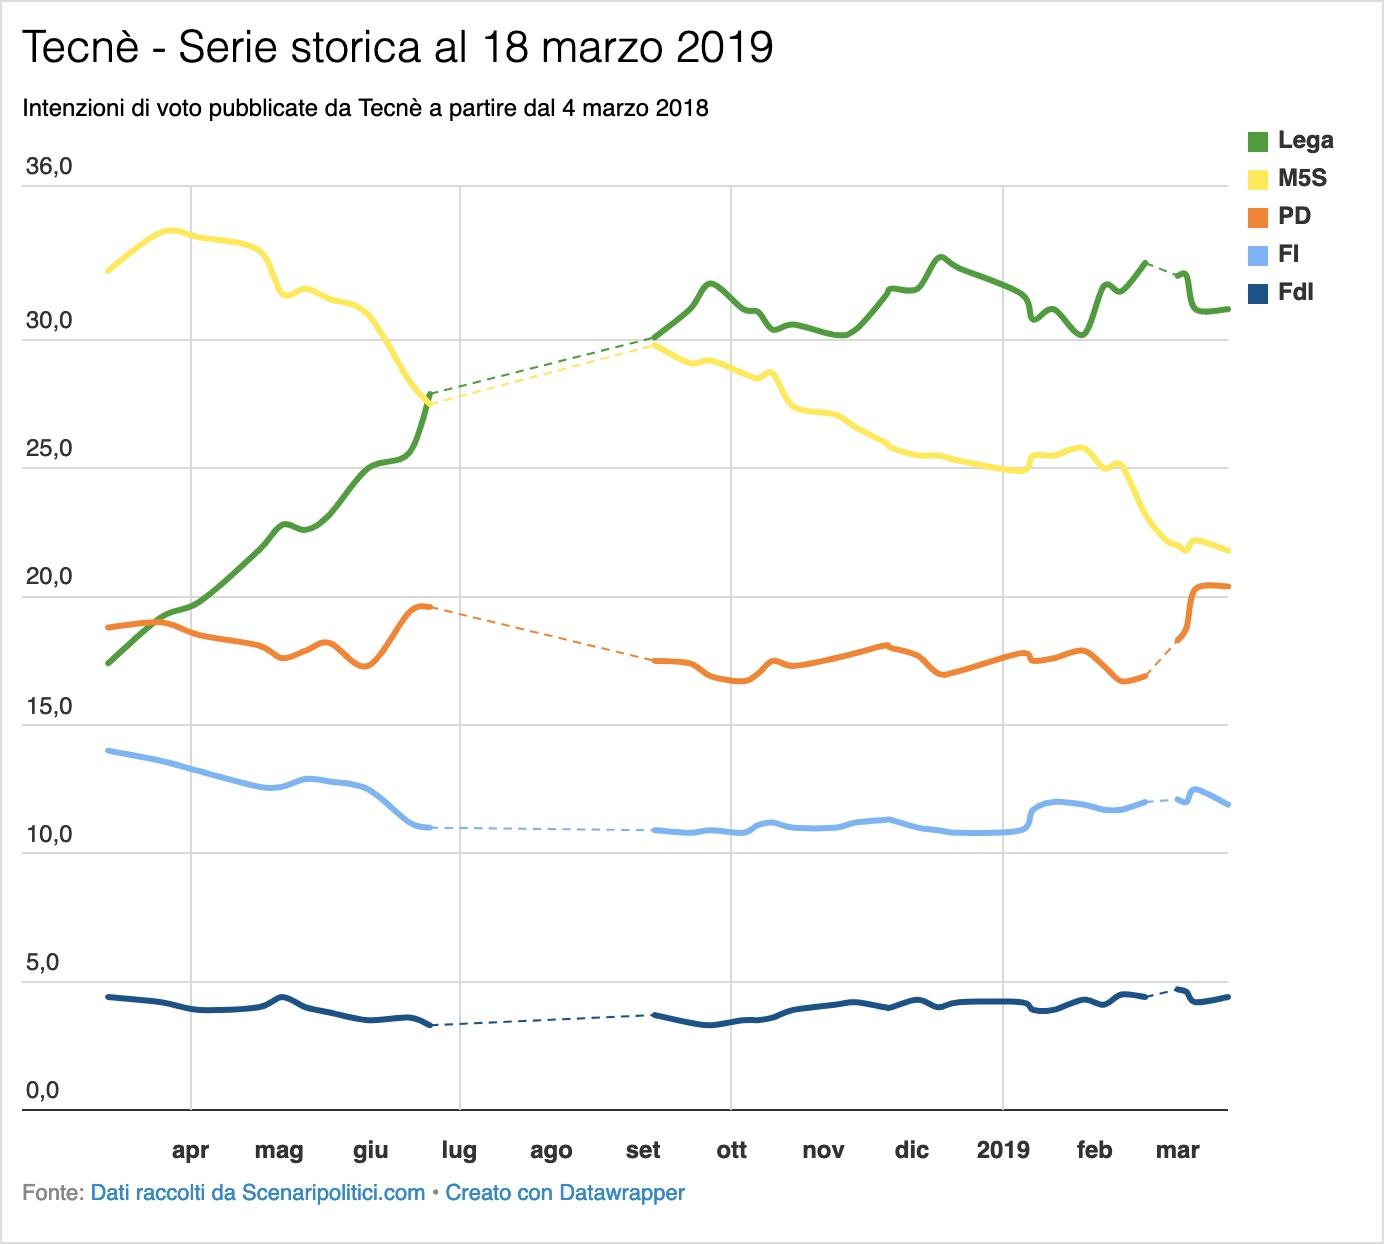 Sondaggio Tecnè 18 marzo 2019